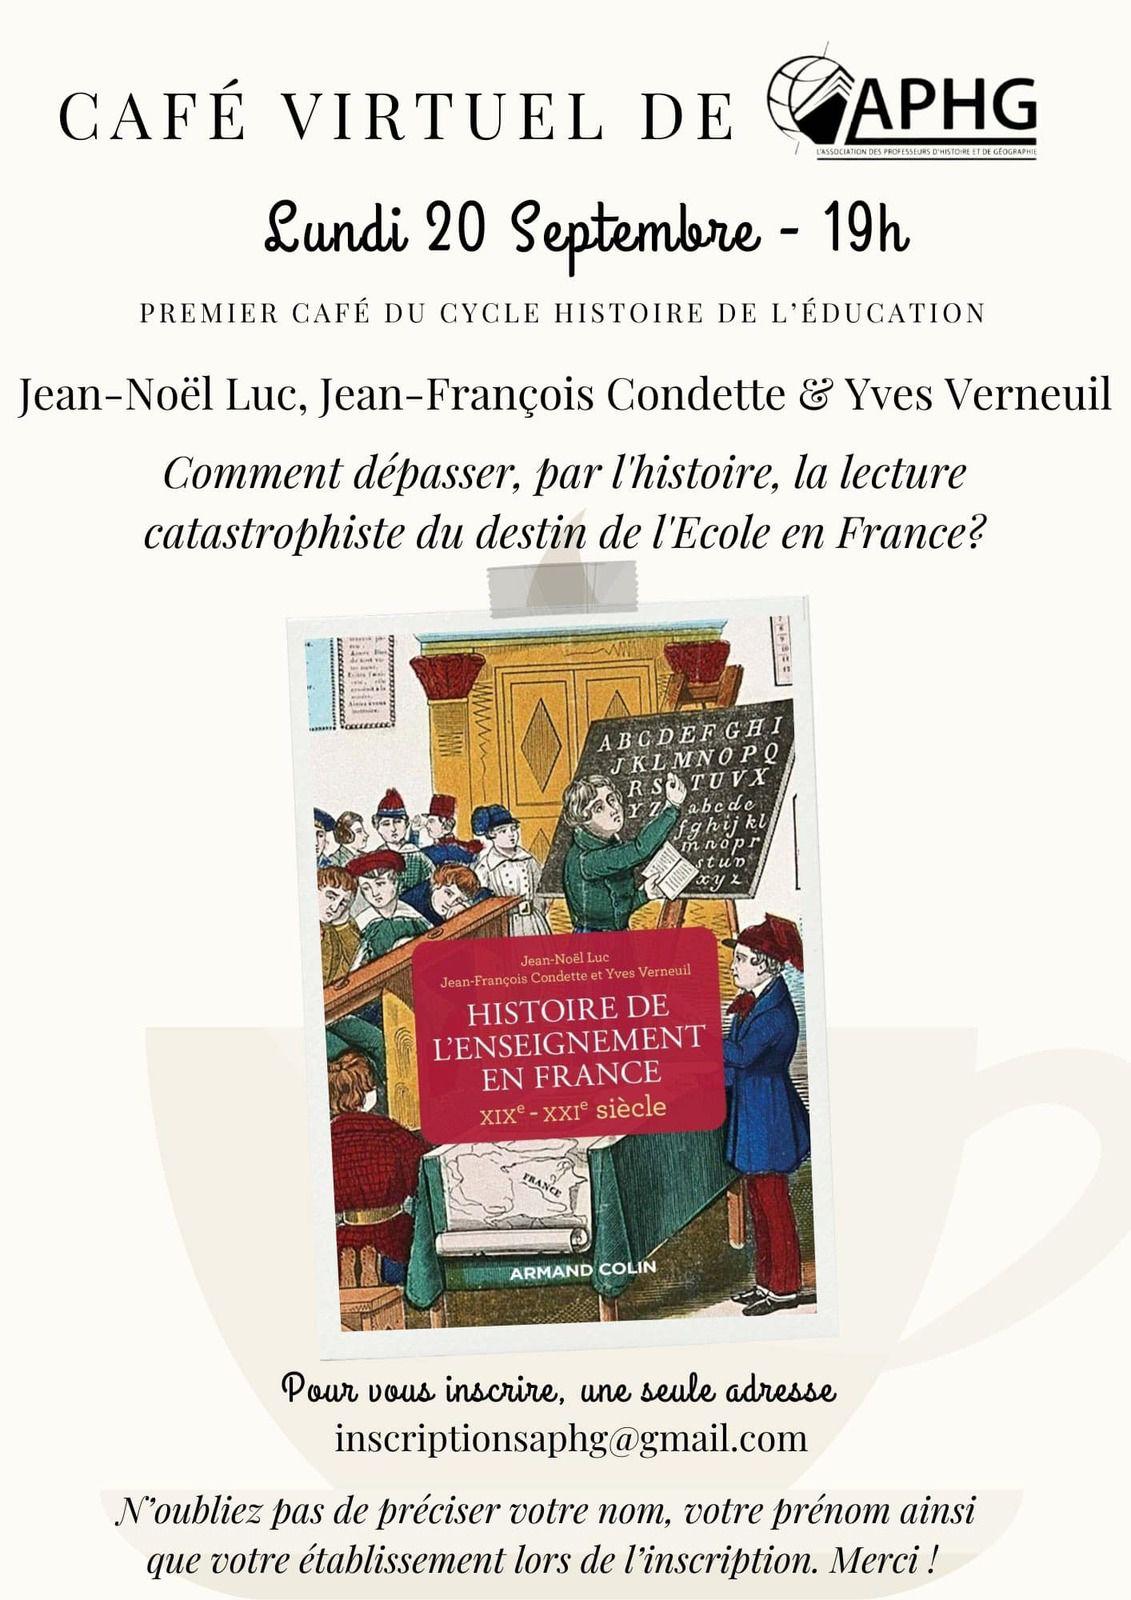 Cycle histoire de l'éducation : un café virtuel avec Jean-Noël Luc, Jean-François Condette et Yves Verneuil le 20 septembre à 19h